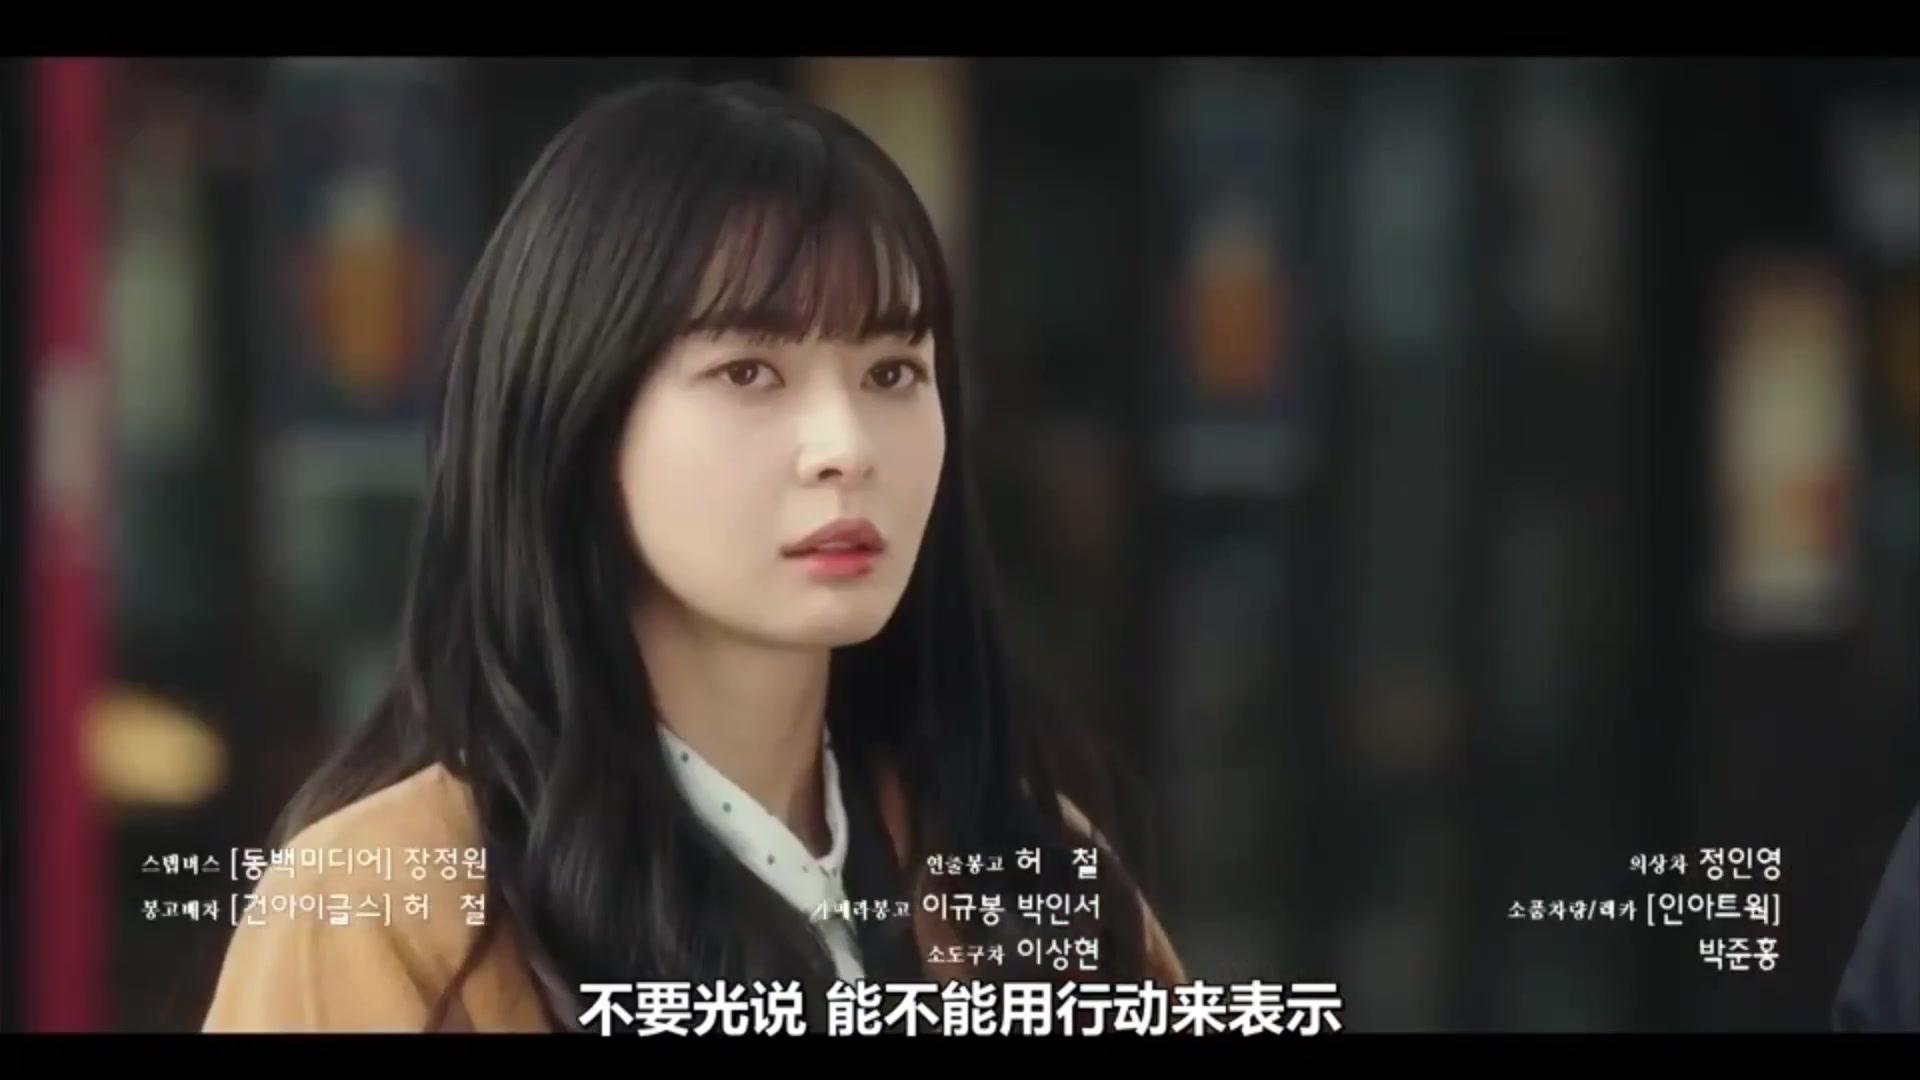 第一眼就惊艳,票选韩国2020年最受欢迎的6位新脸孔演员